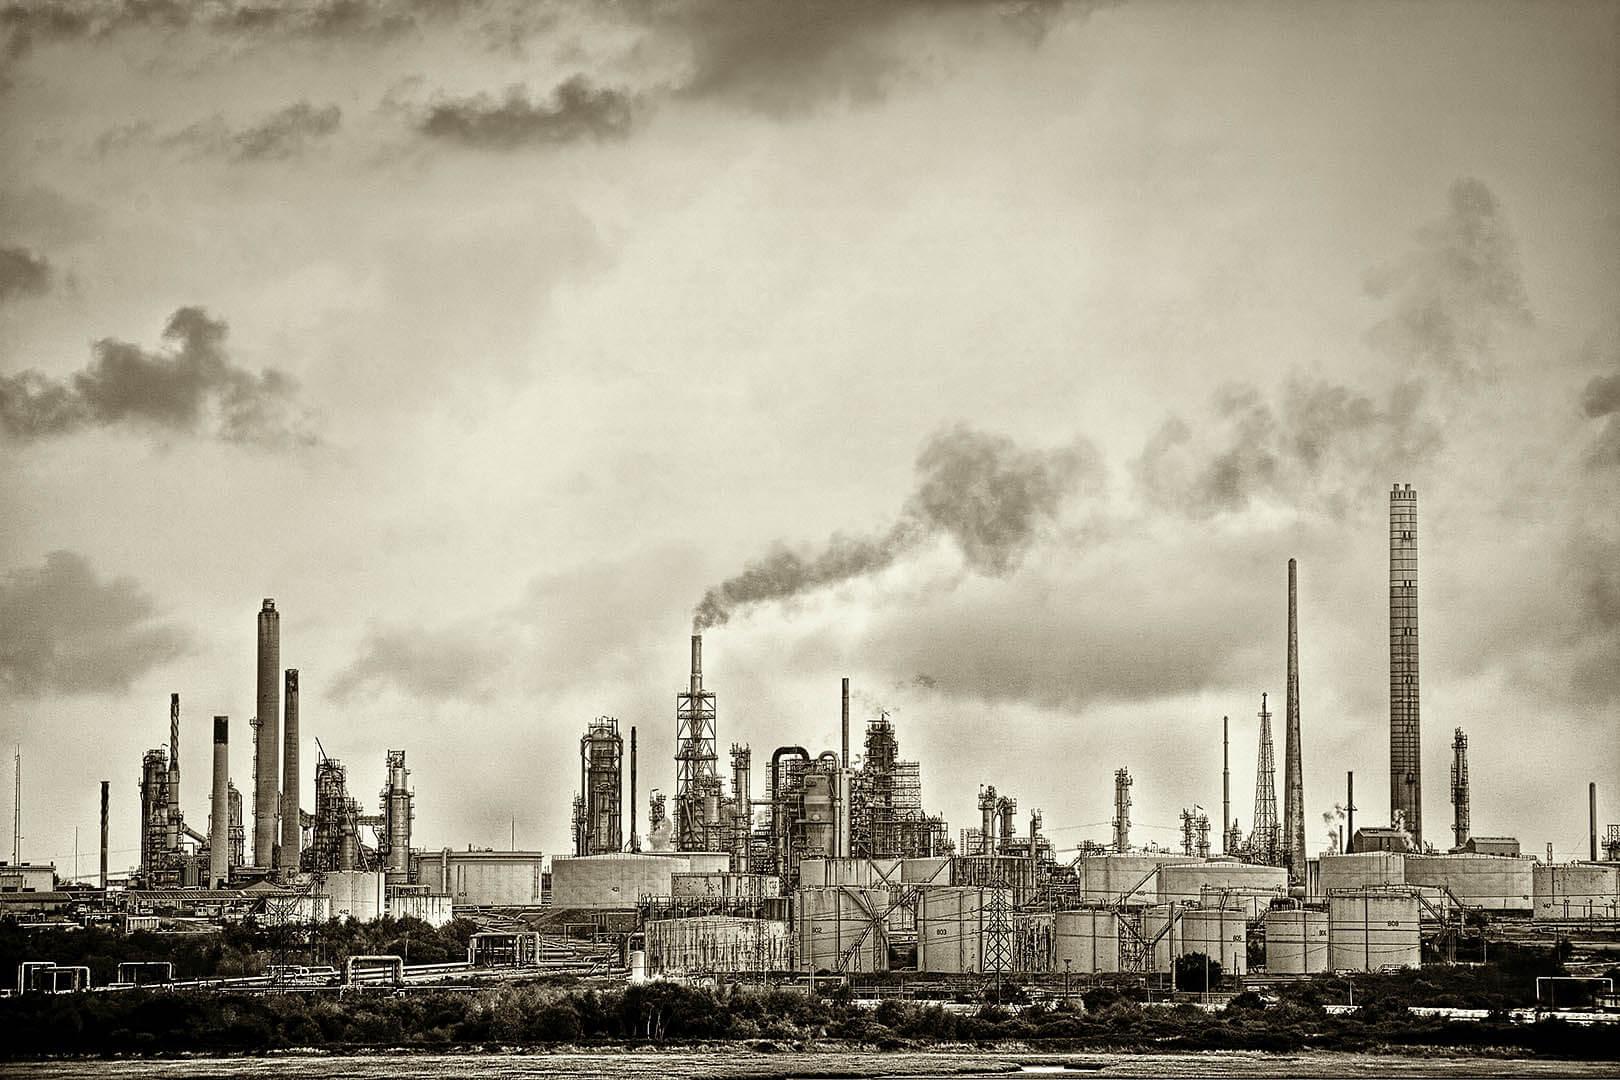 Fawley Refinery I